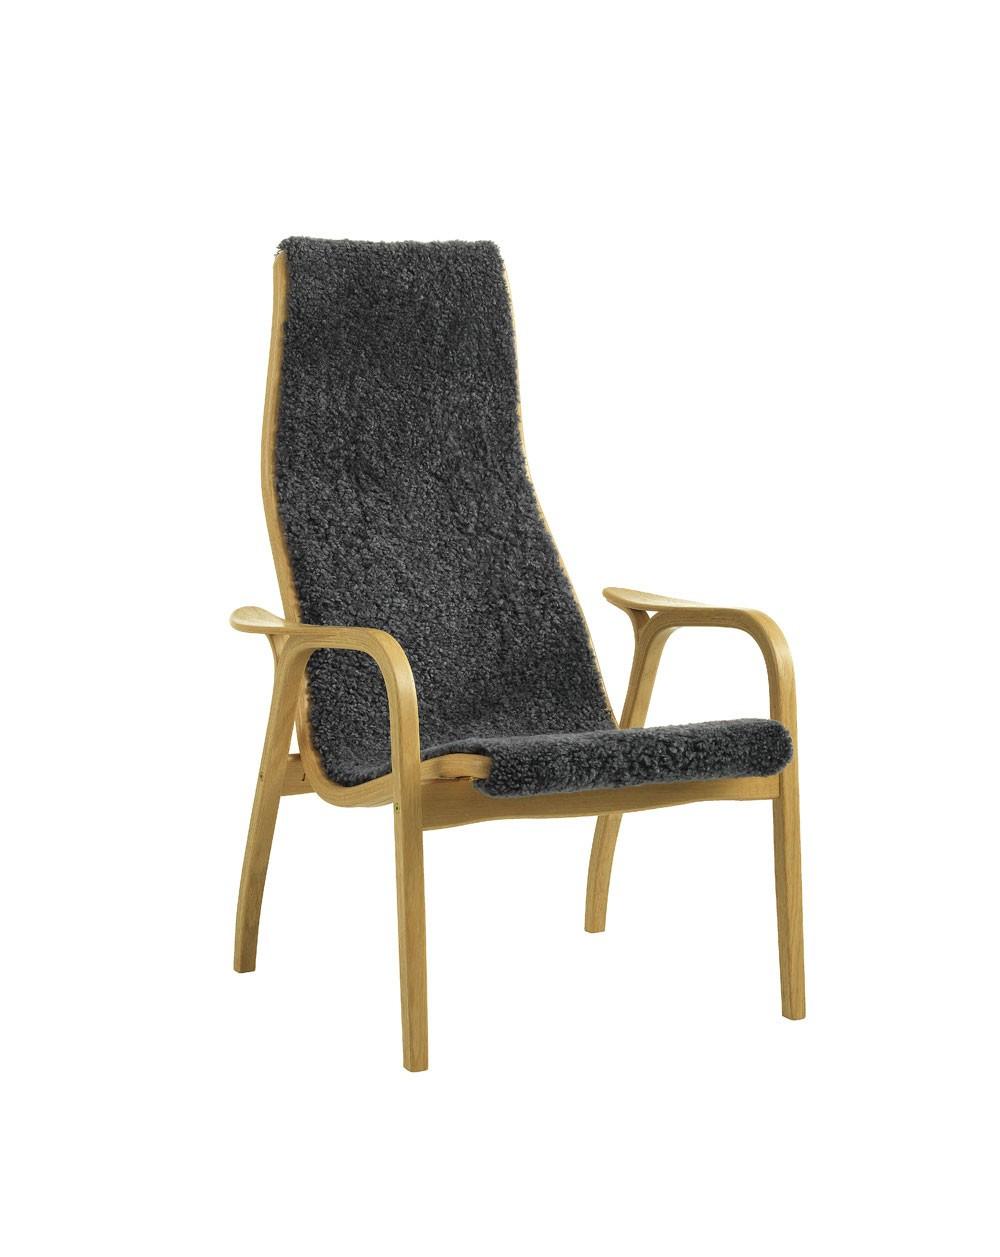 Lamino easy chair, Y. Ekstöm